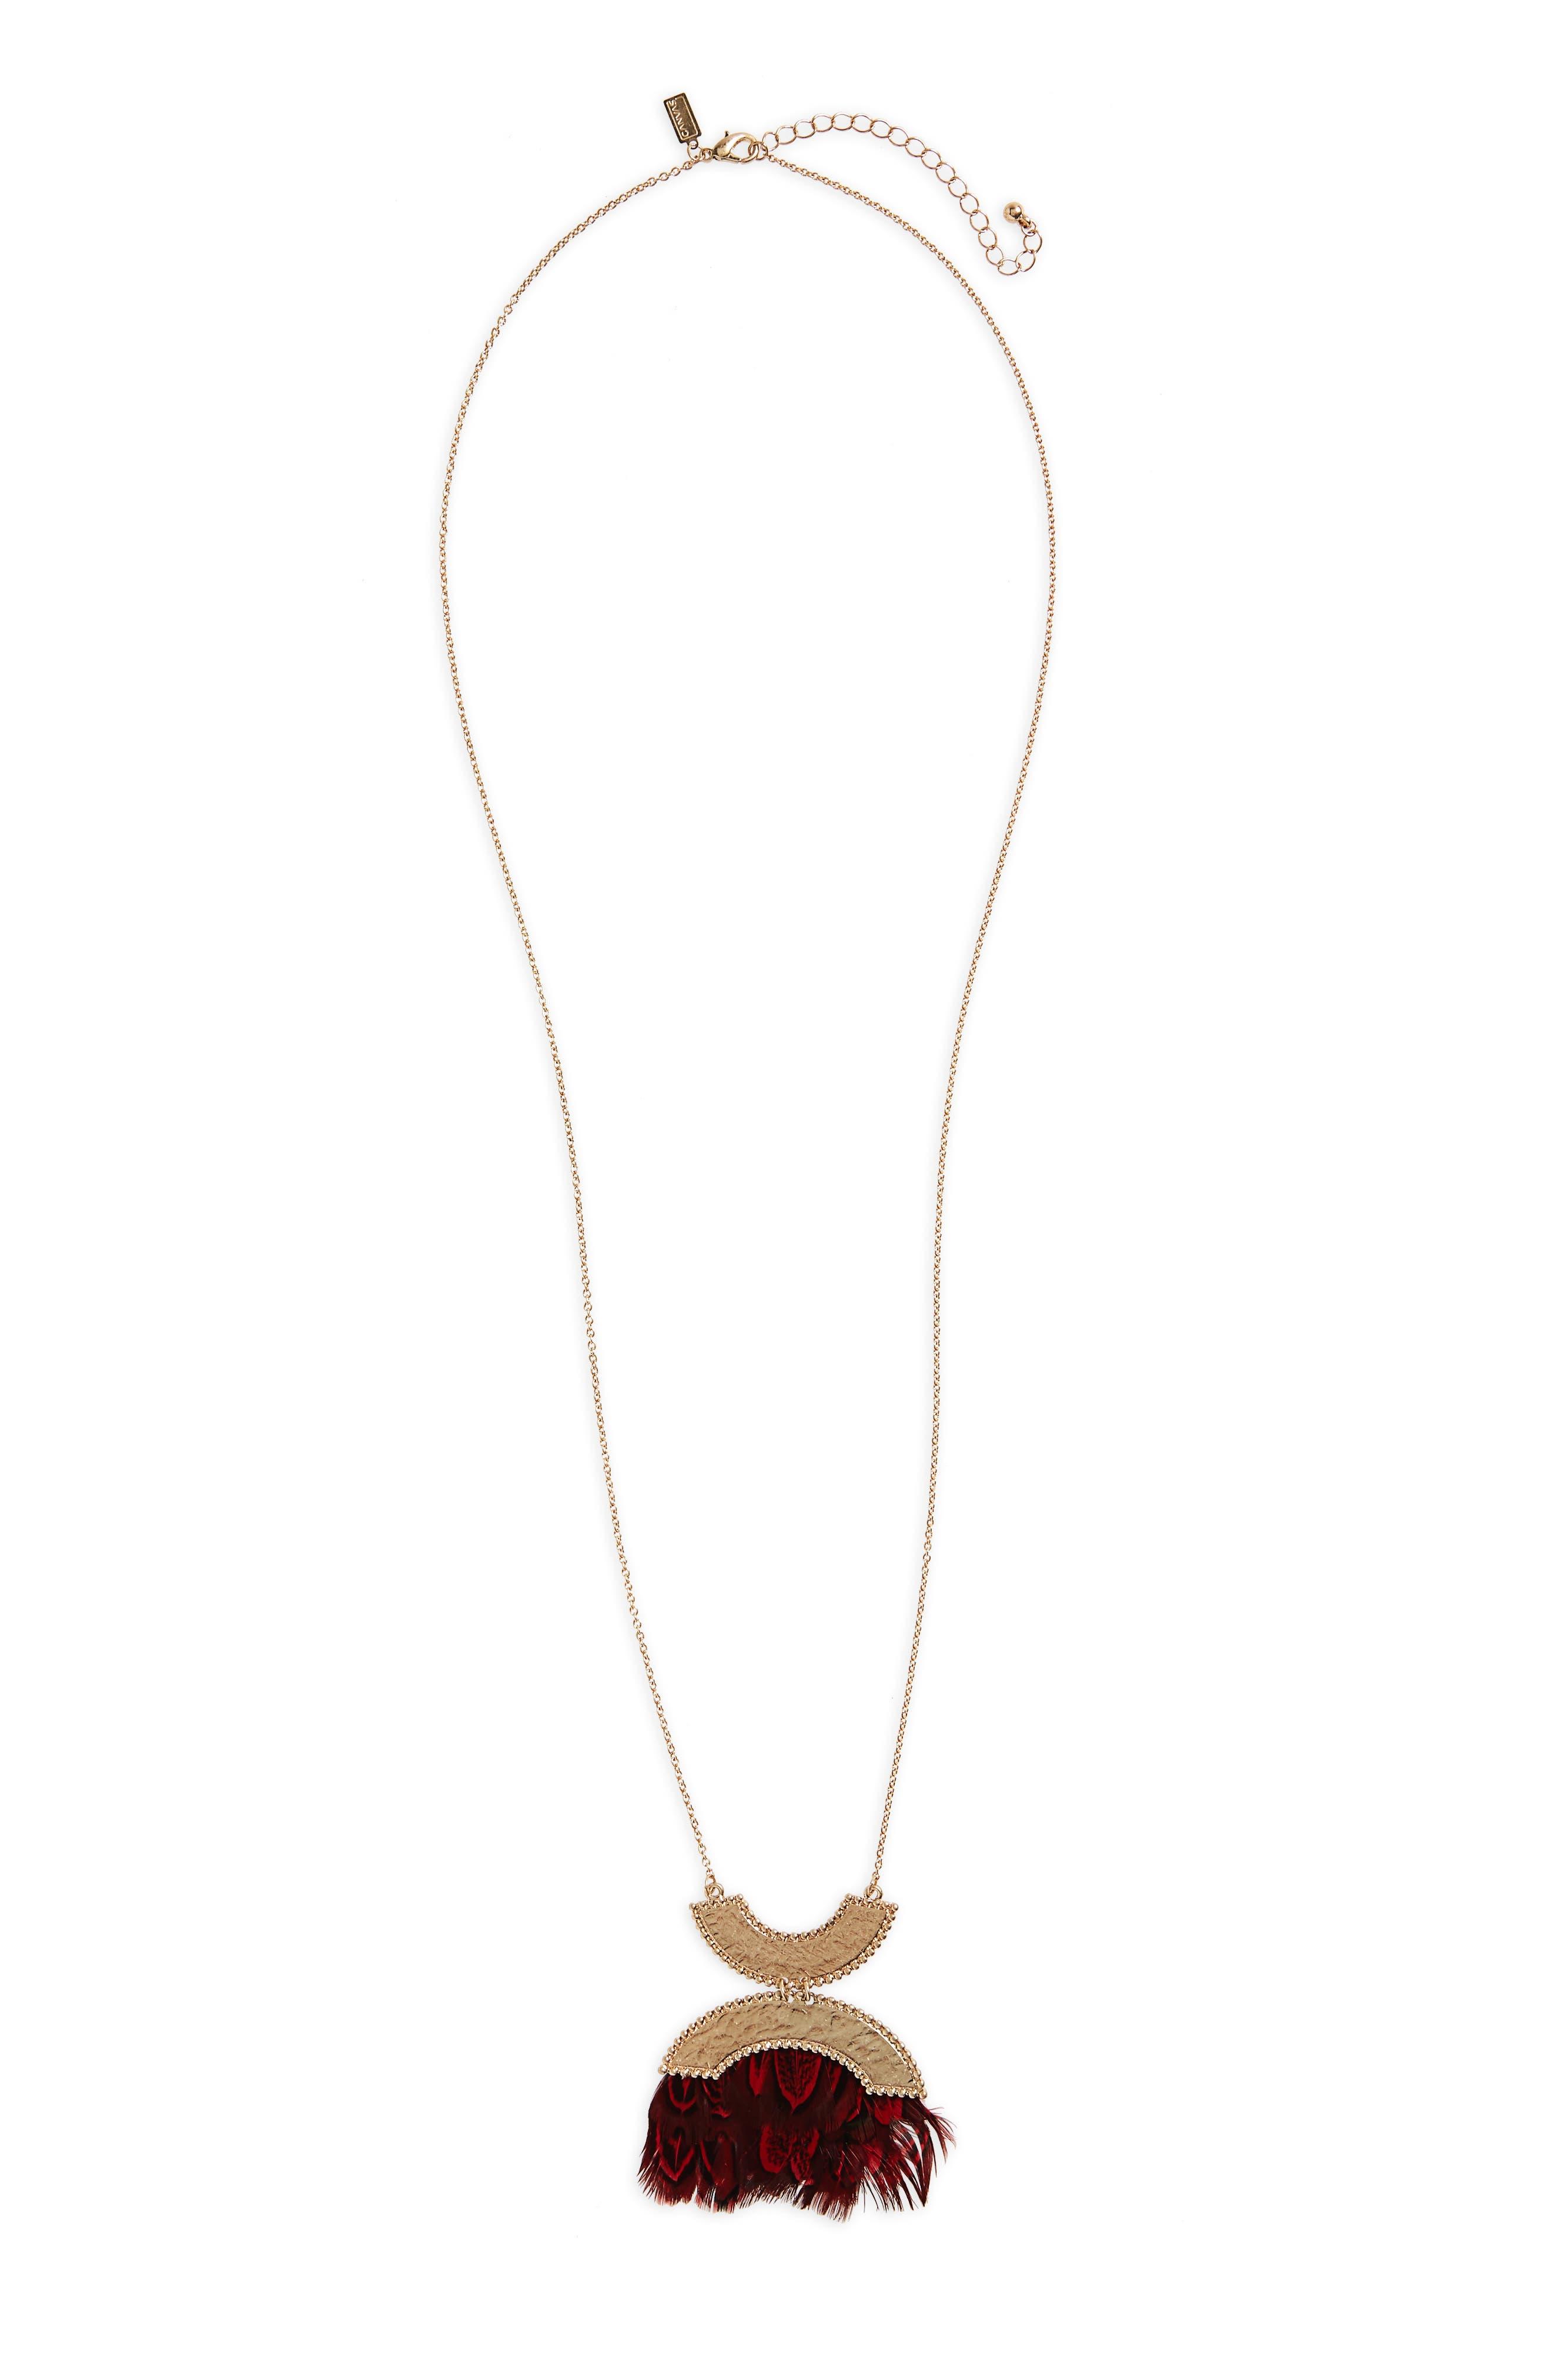 Double Crescent Pendant Necklace,                         Main,                         color, Burgundy